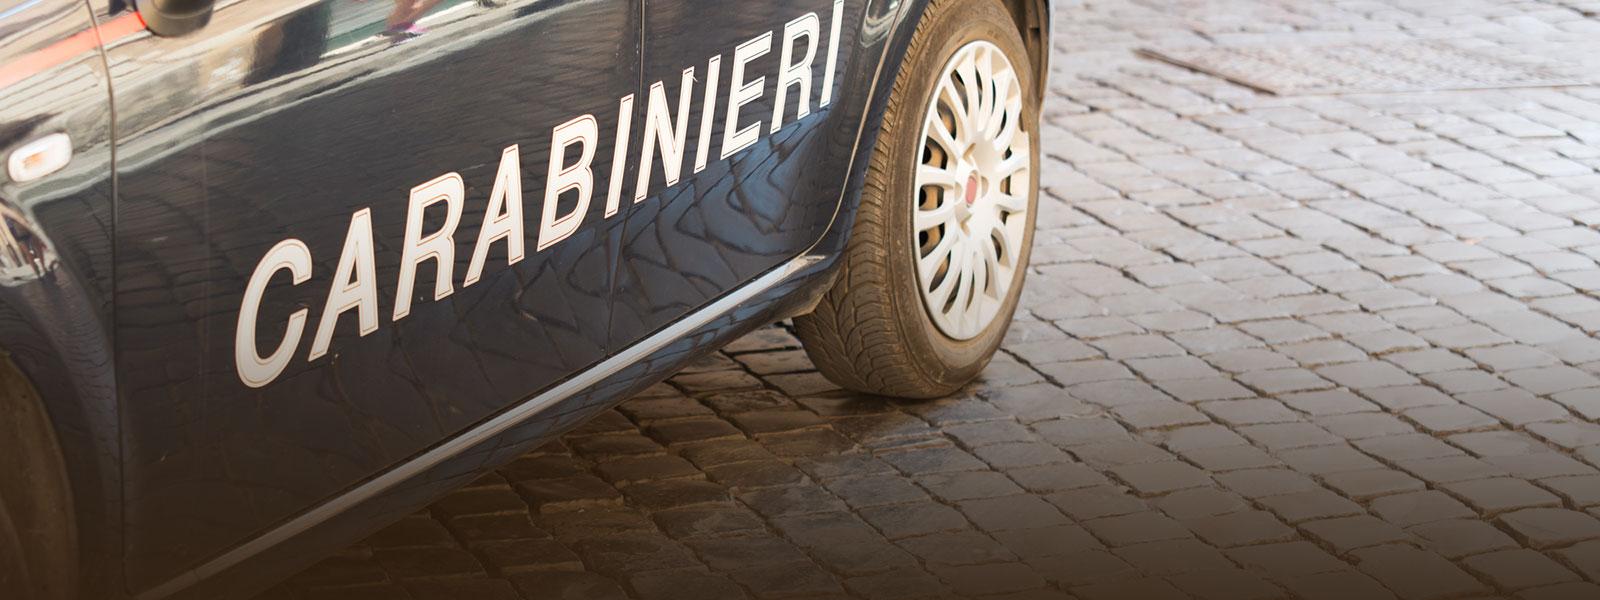 Никогда не делайте этого в Италии: 4 неочевидные вещи, за которые могут серьезно наказать